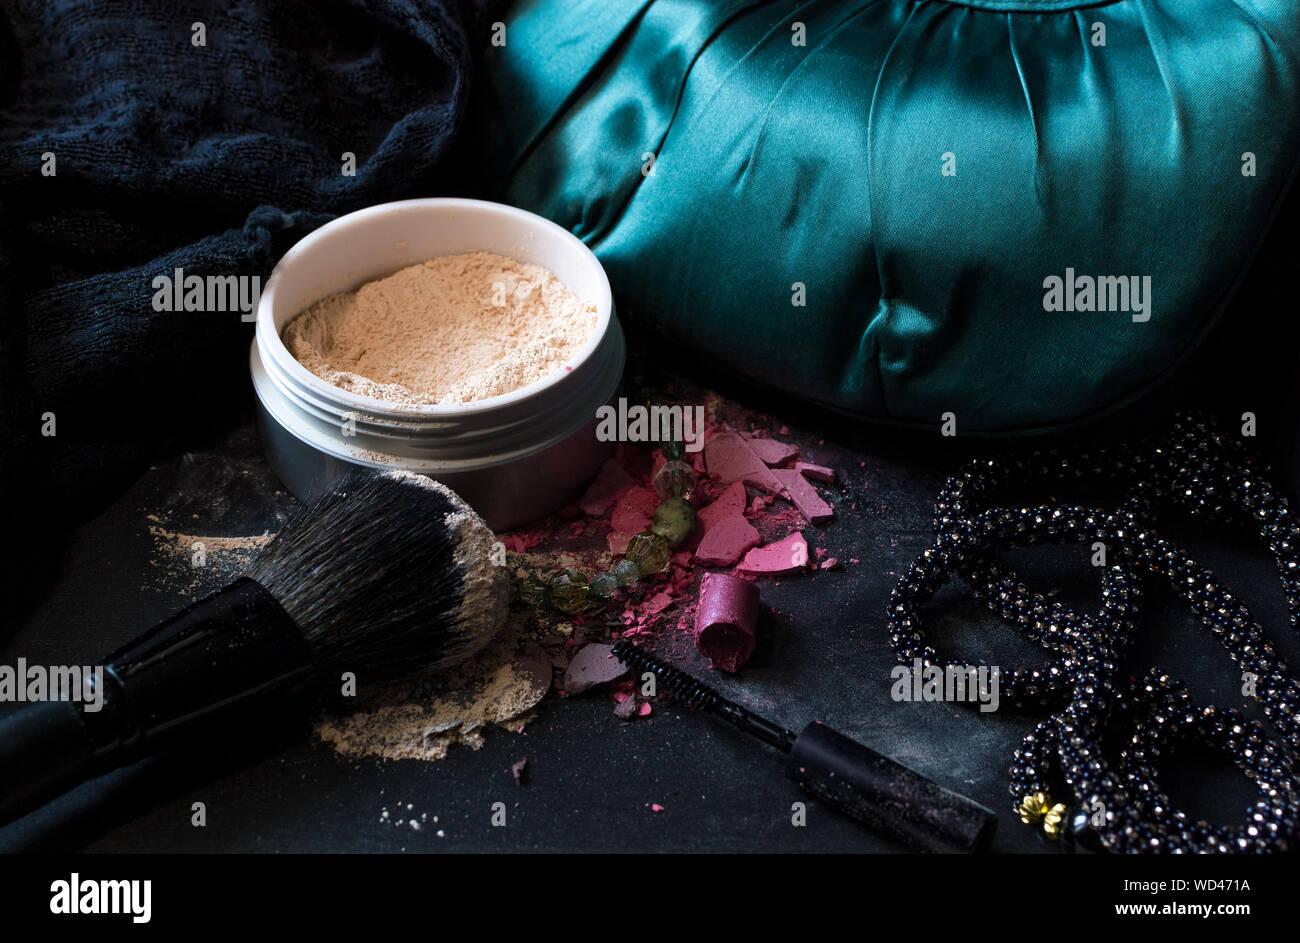 Un alto ángulo de visualización de productos de belleza con collar en la tabla Foto de stock